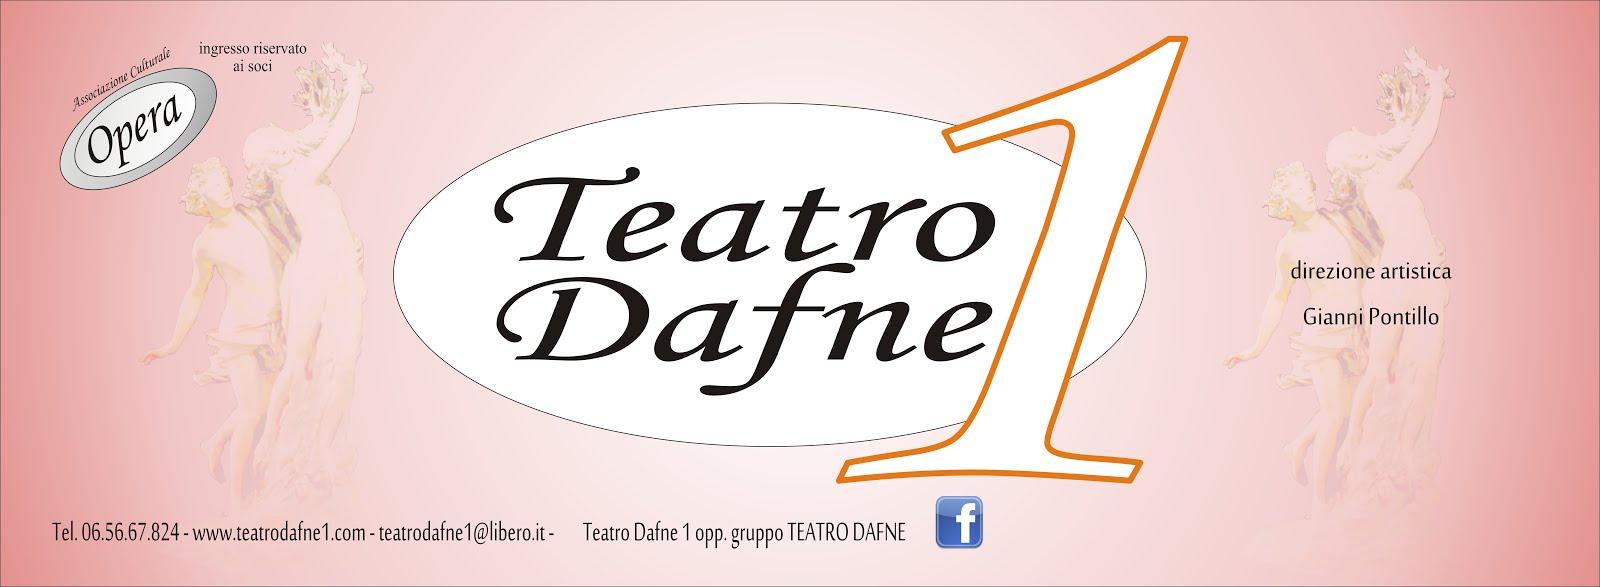 Teatro Dafne1